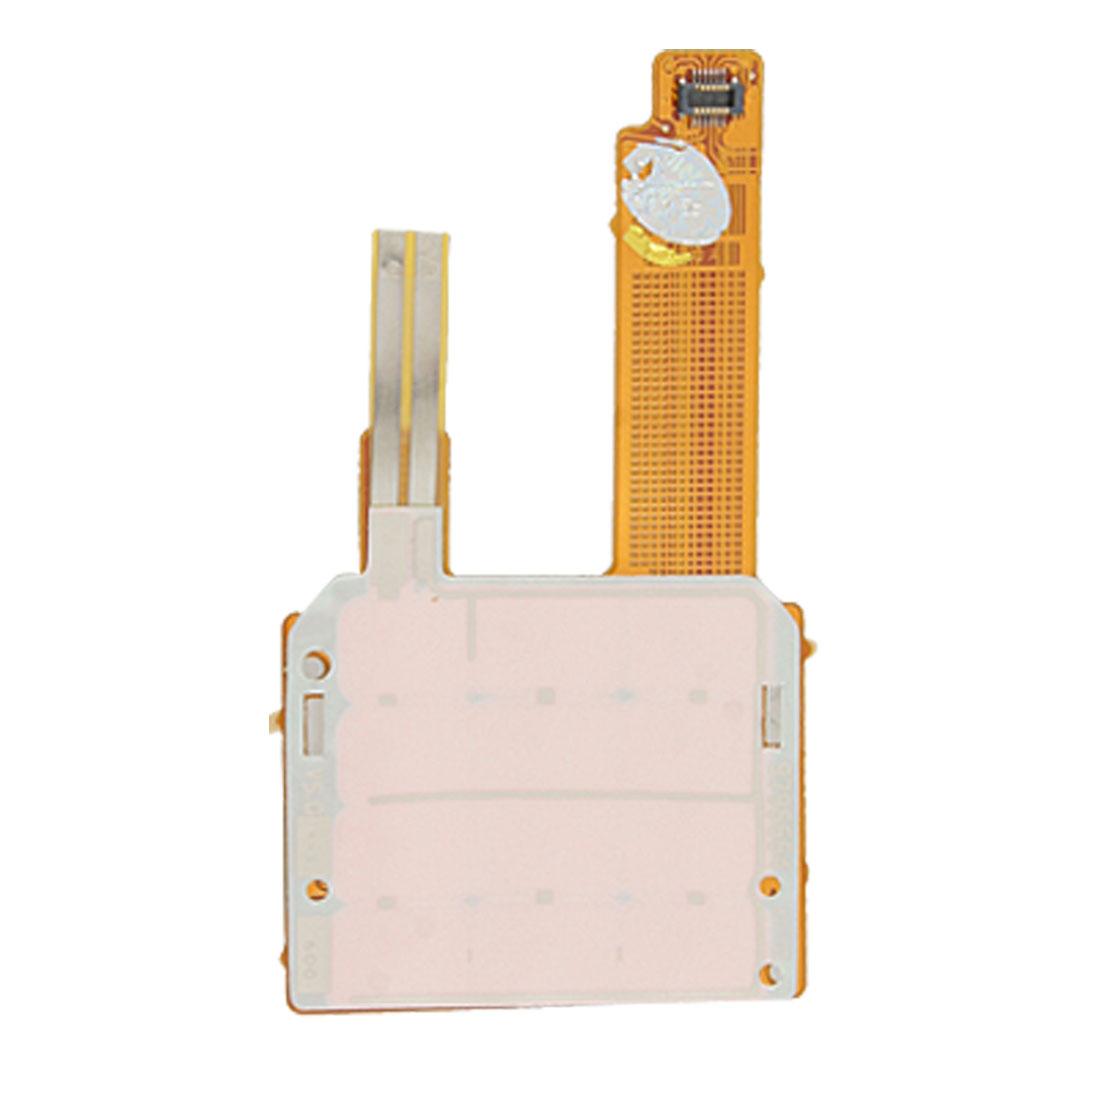 Repair Parts Bottom Keypad Membrane Flex Cable for Nokia E65